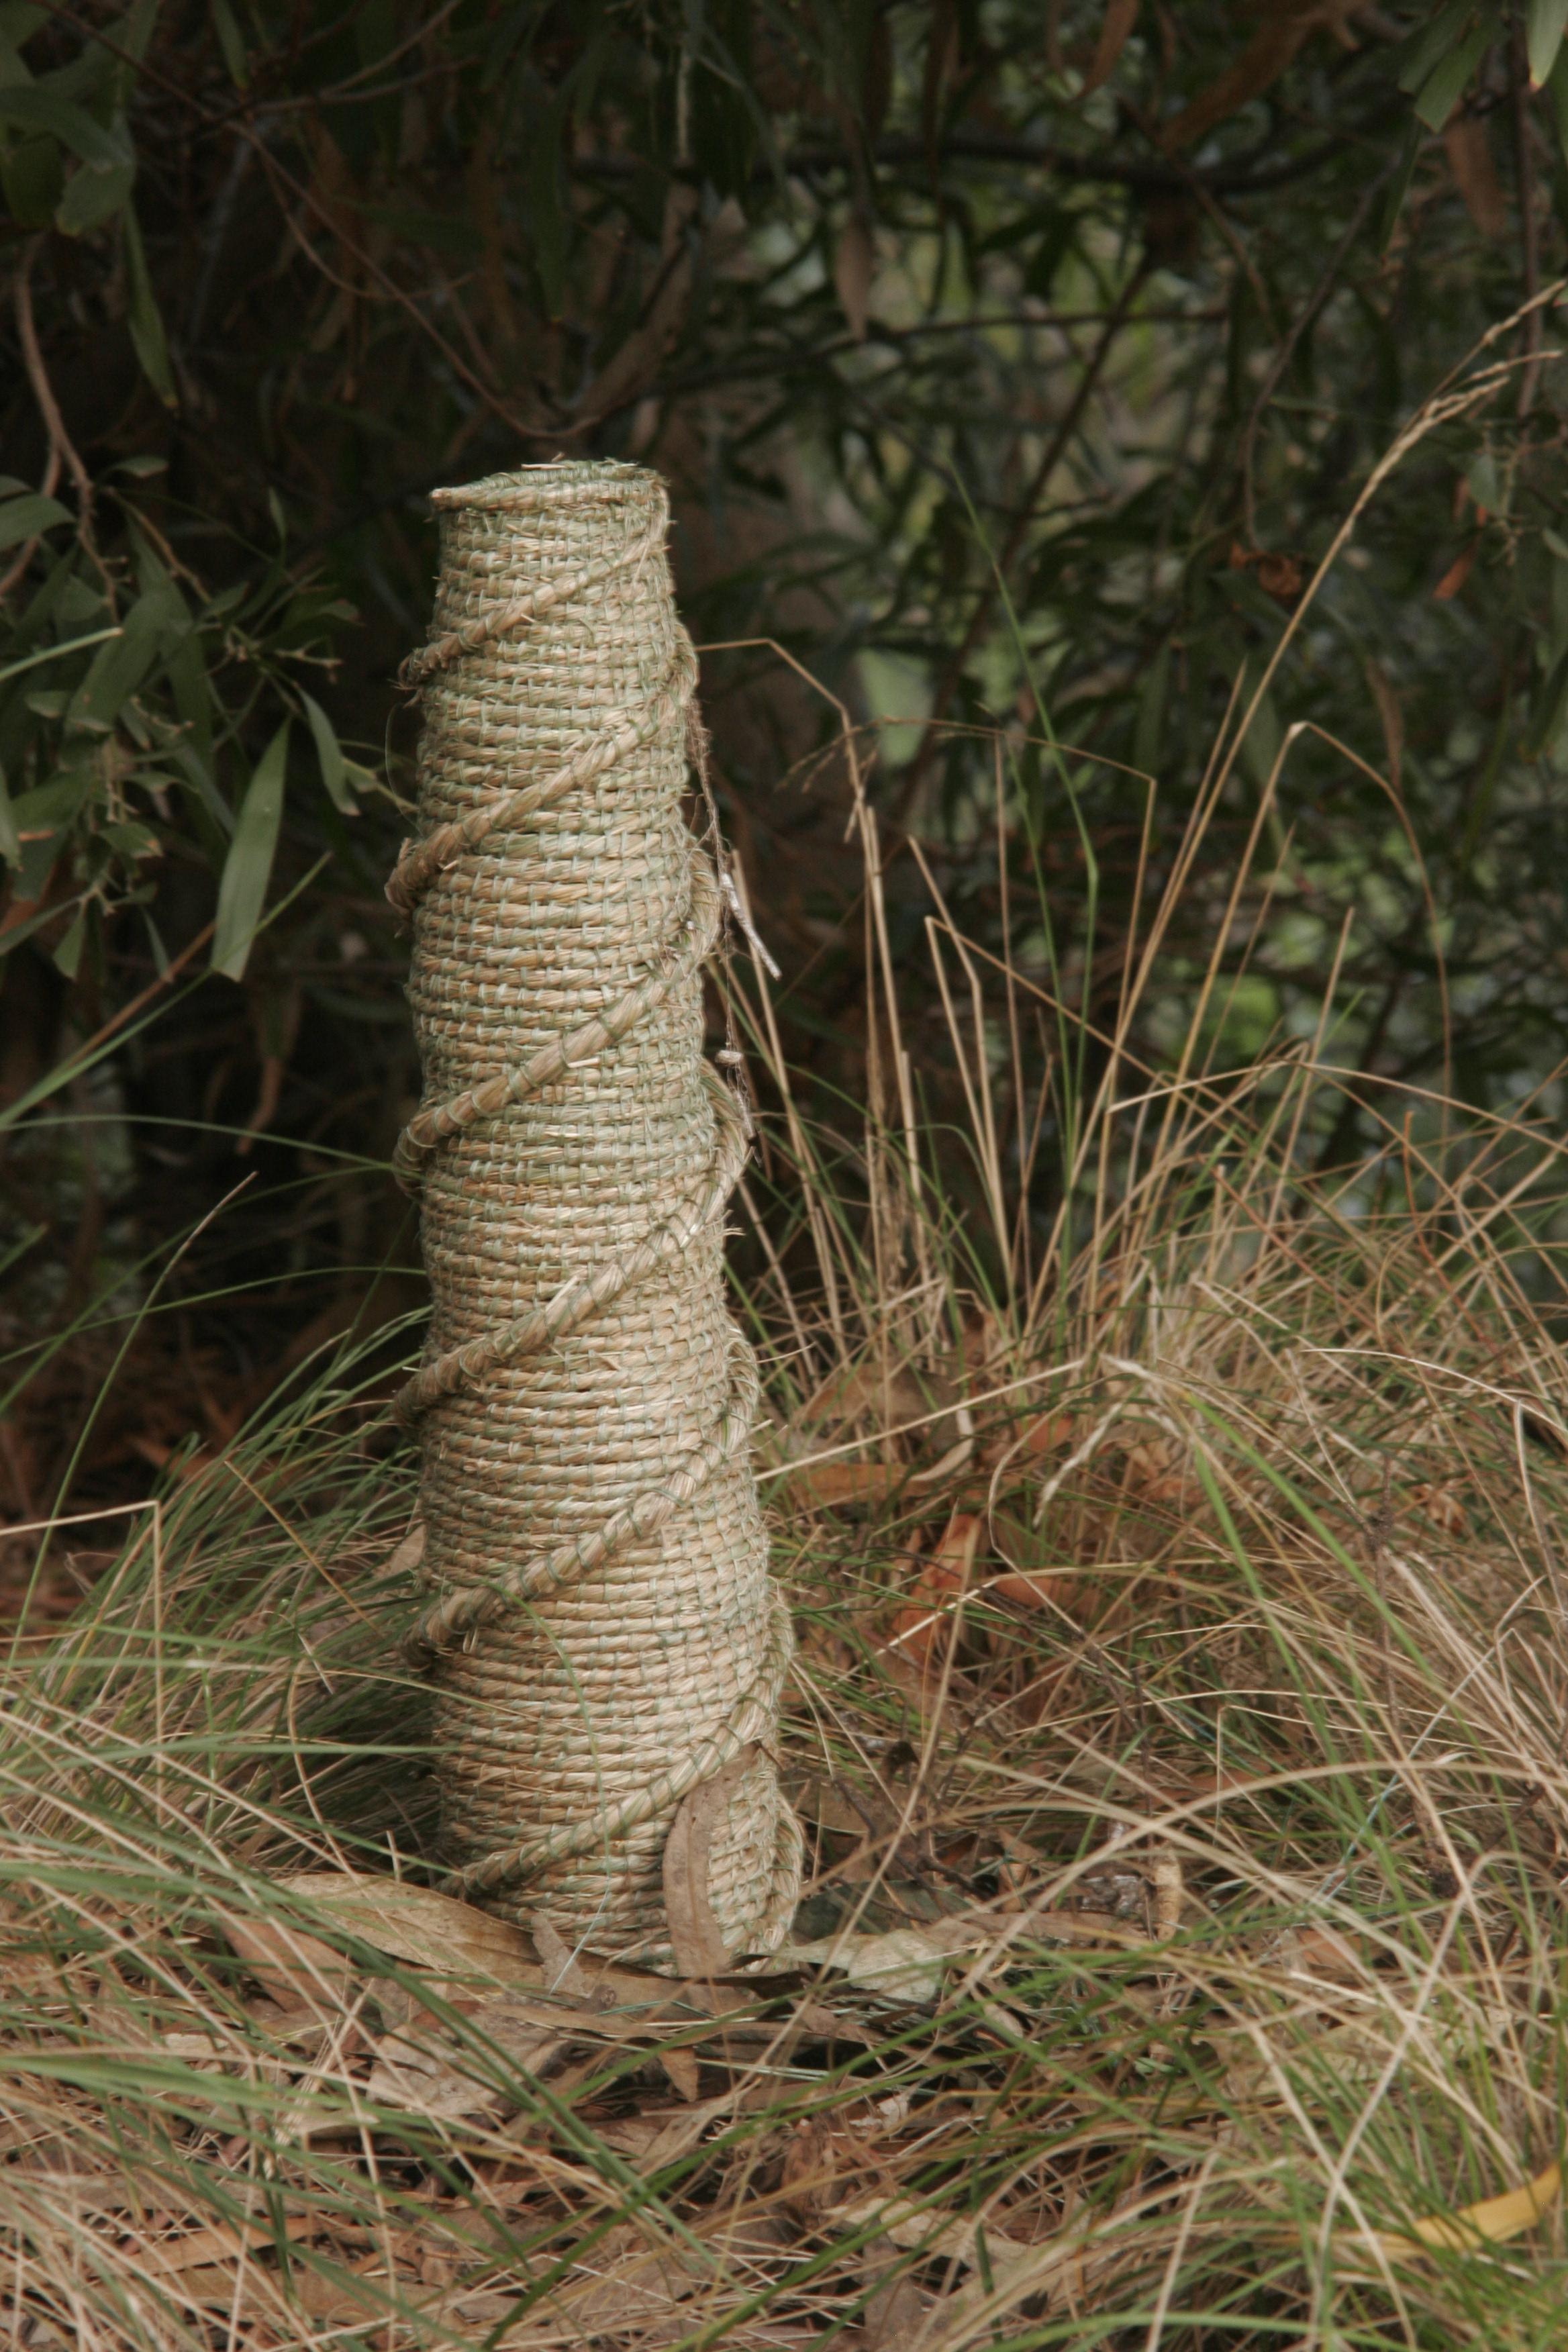 Acacia Spiral_close up